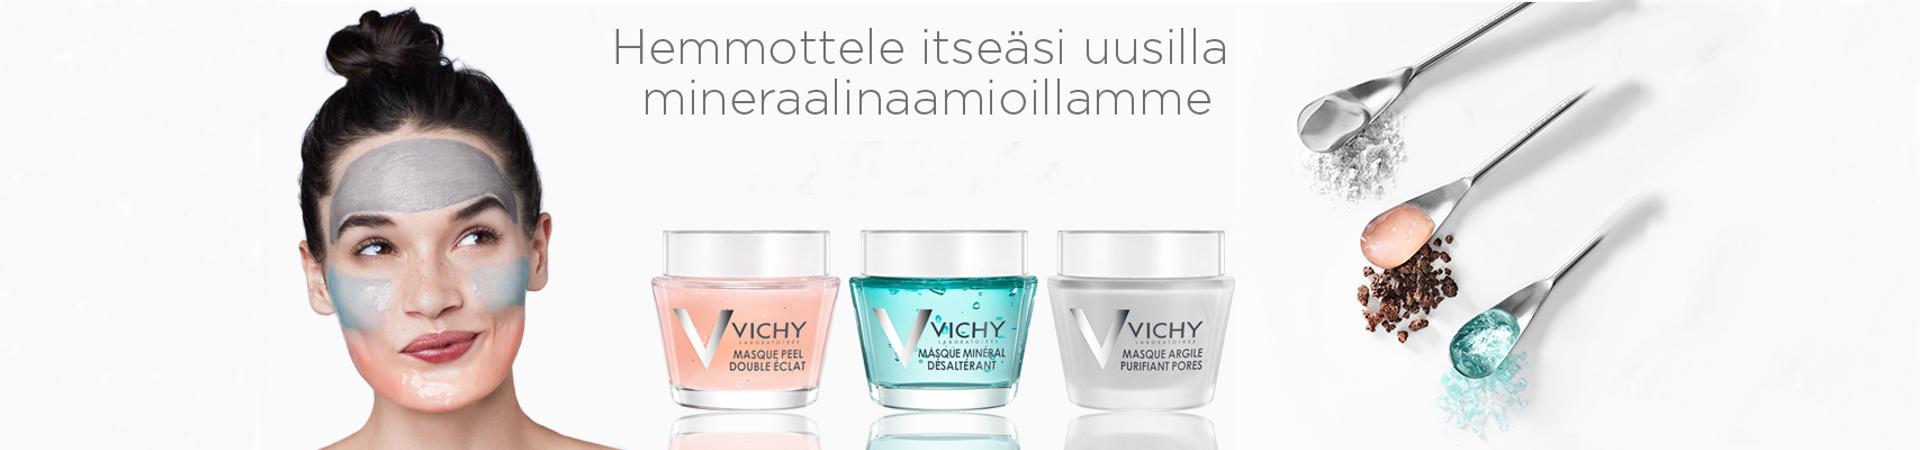 Vichy, naamio, mineraali, iho, kauneus, apeekkikosmetiikka, purete thermale